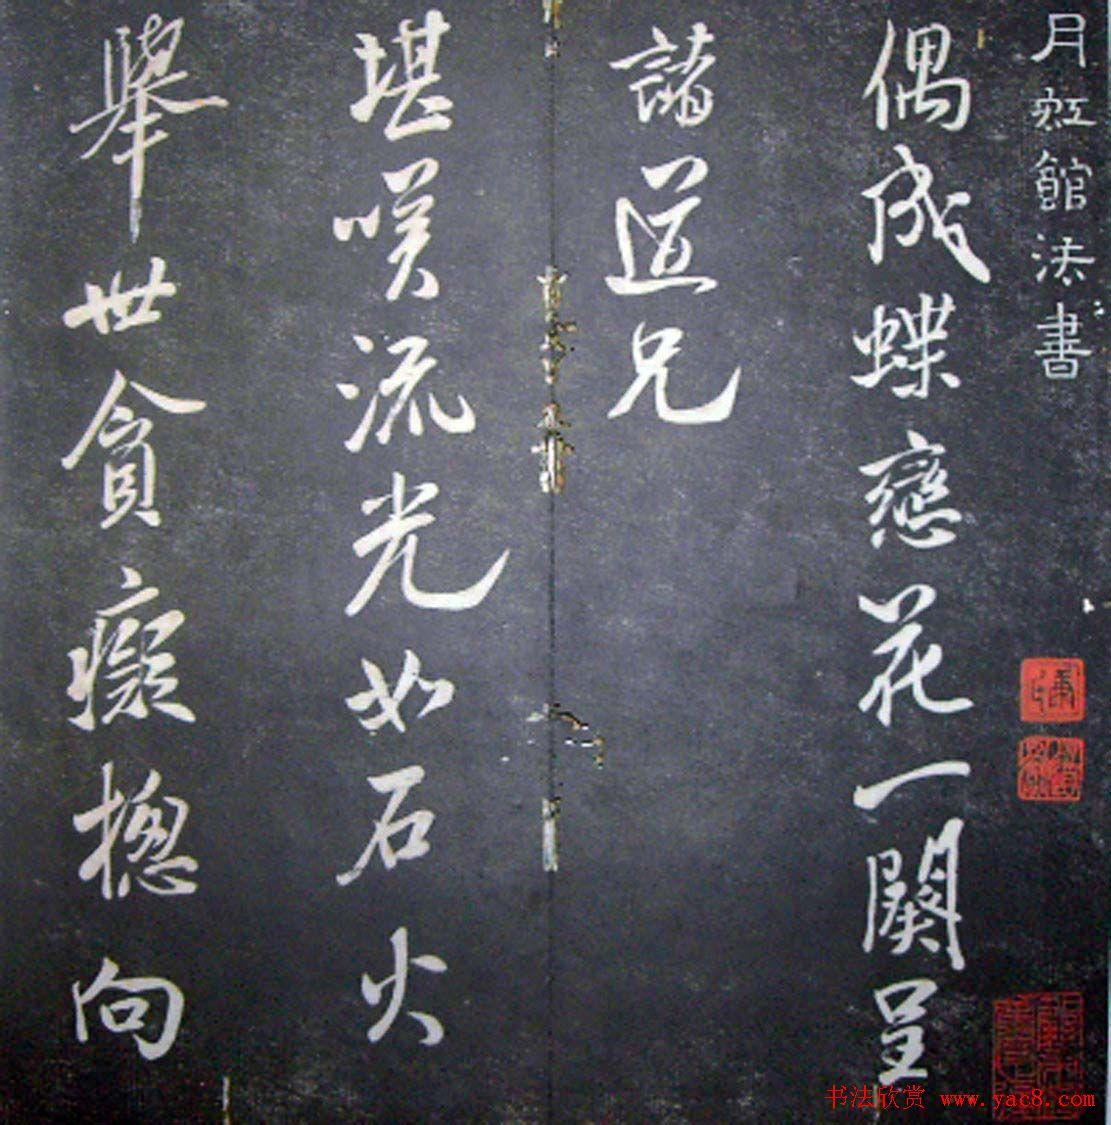 襄阳漫仕米芾书法欣赏《月虹馆法书》